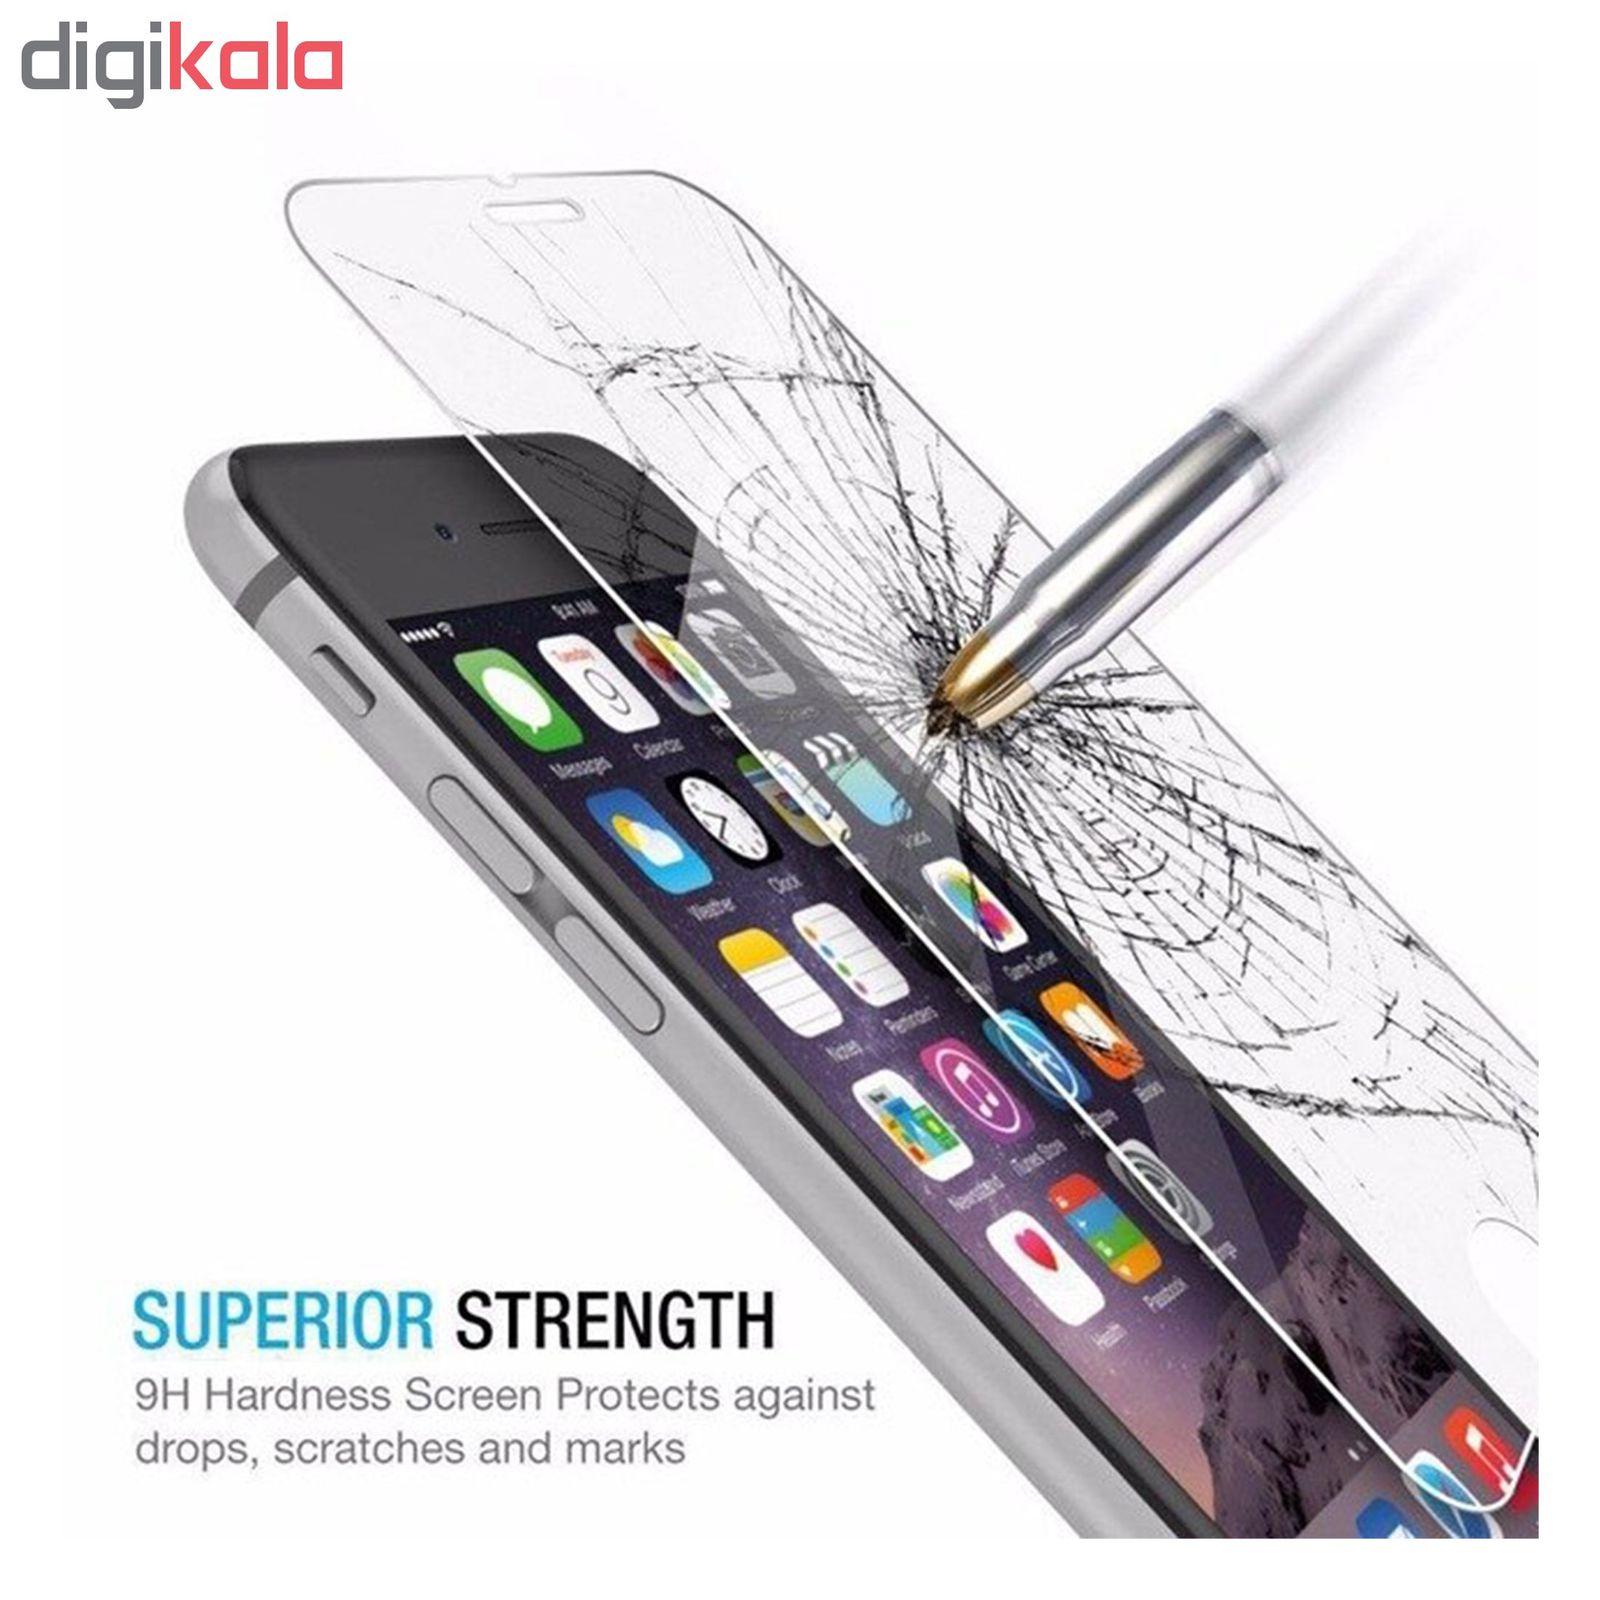 محافظ صفحه نمایش  و پشت گوشی Hard and Thick مدل F-01 مناسب برای گوشی موبایل اپل Iphone X/Xs main 1 4